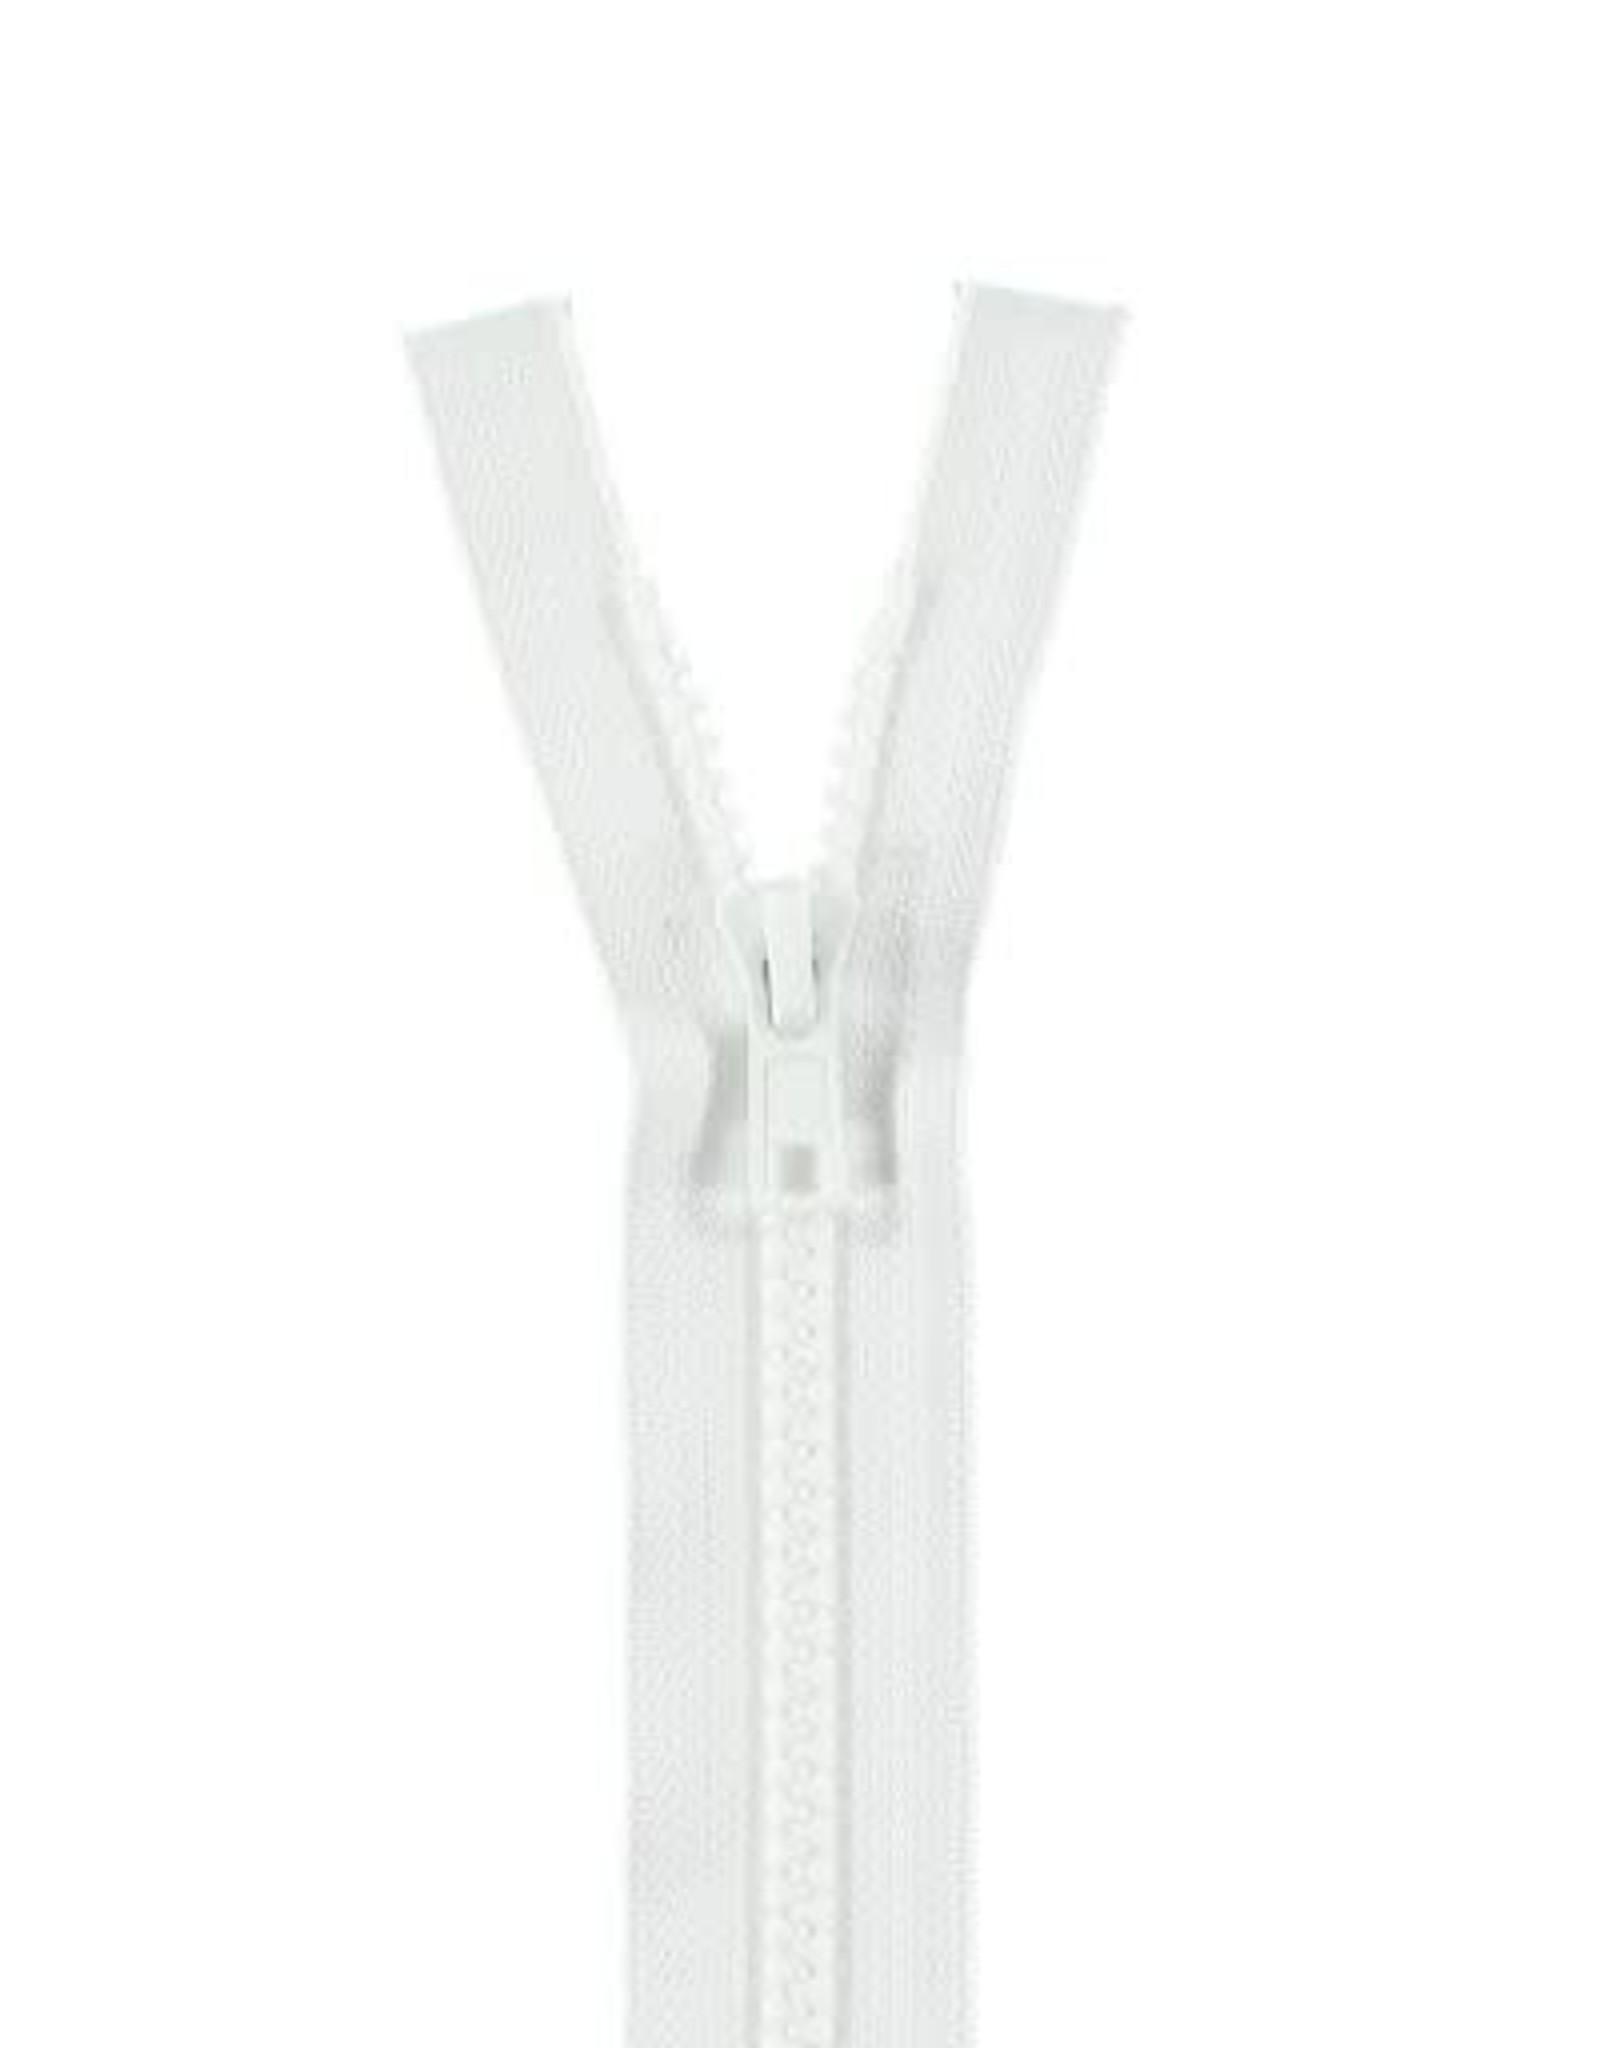 YKK BLOKRITS 5 DEELBAAR wit 501-55cm